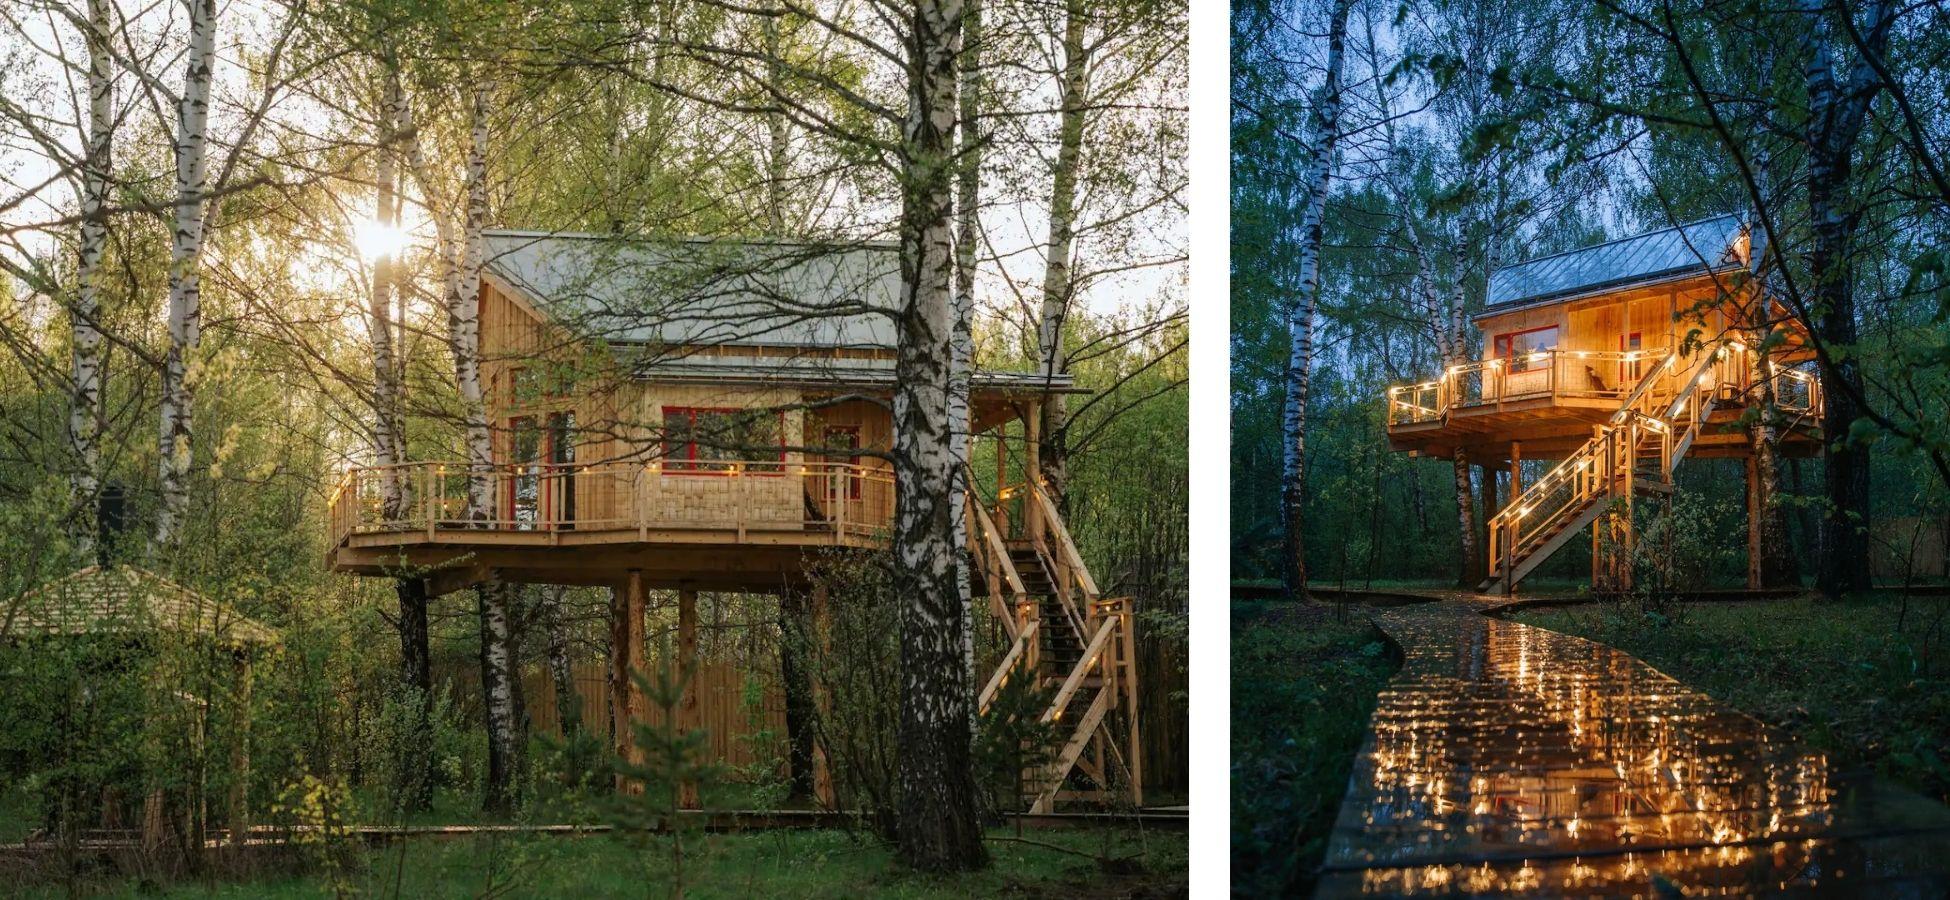 Cabane dans les arbres - Russie